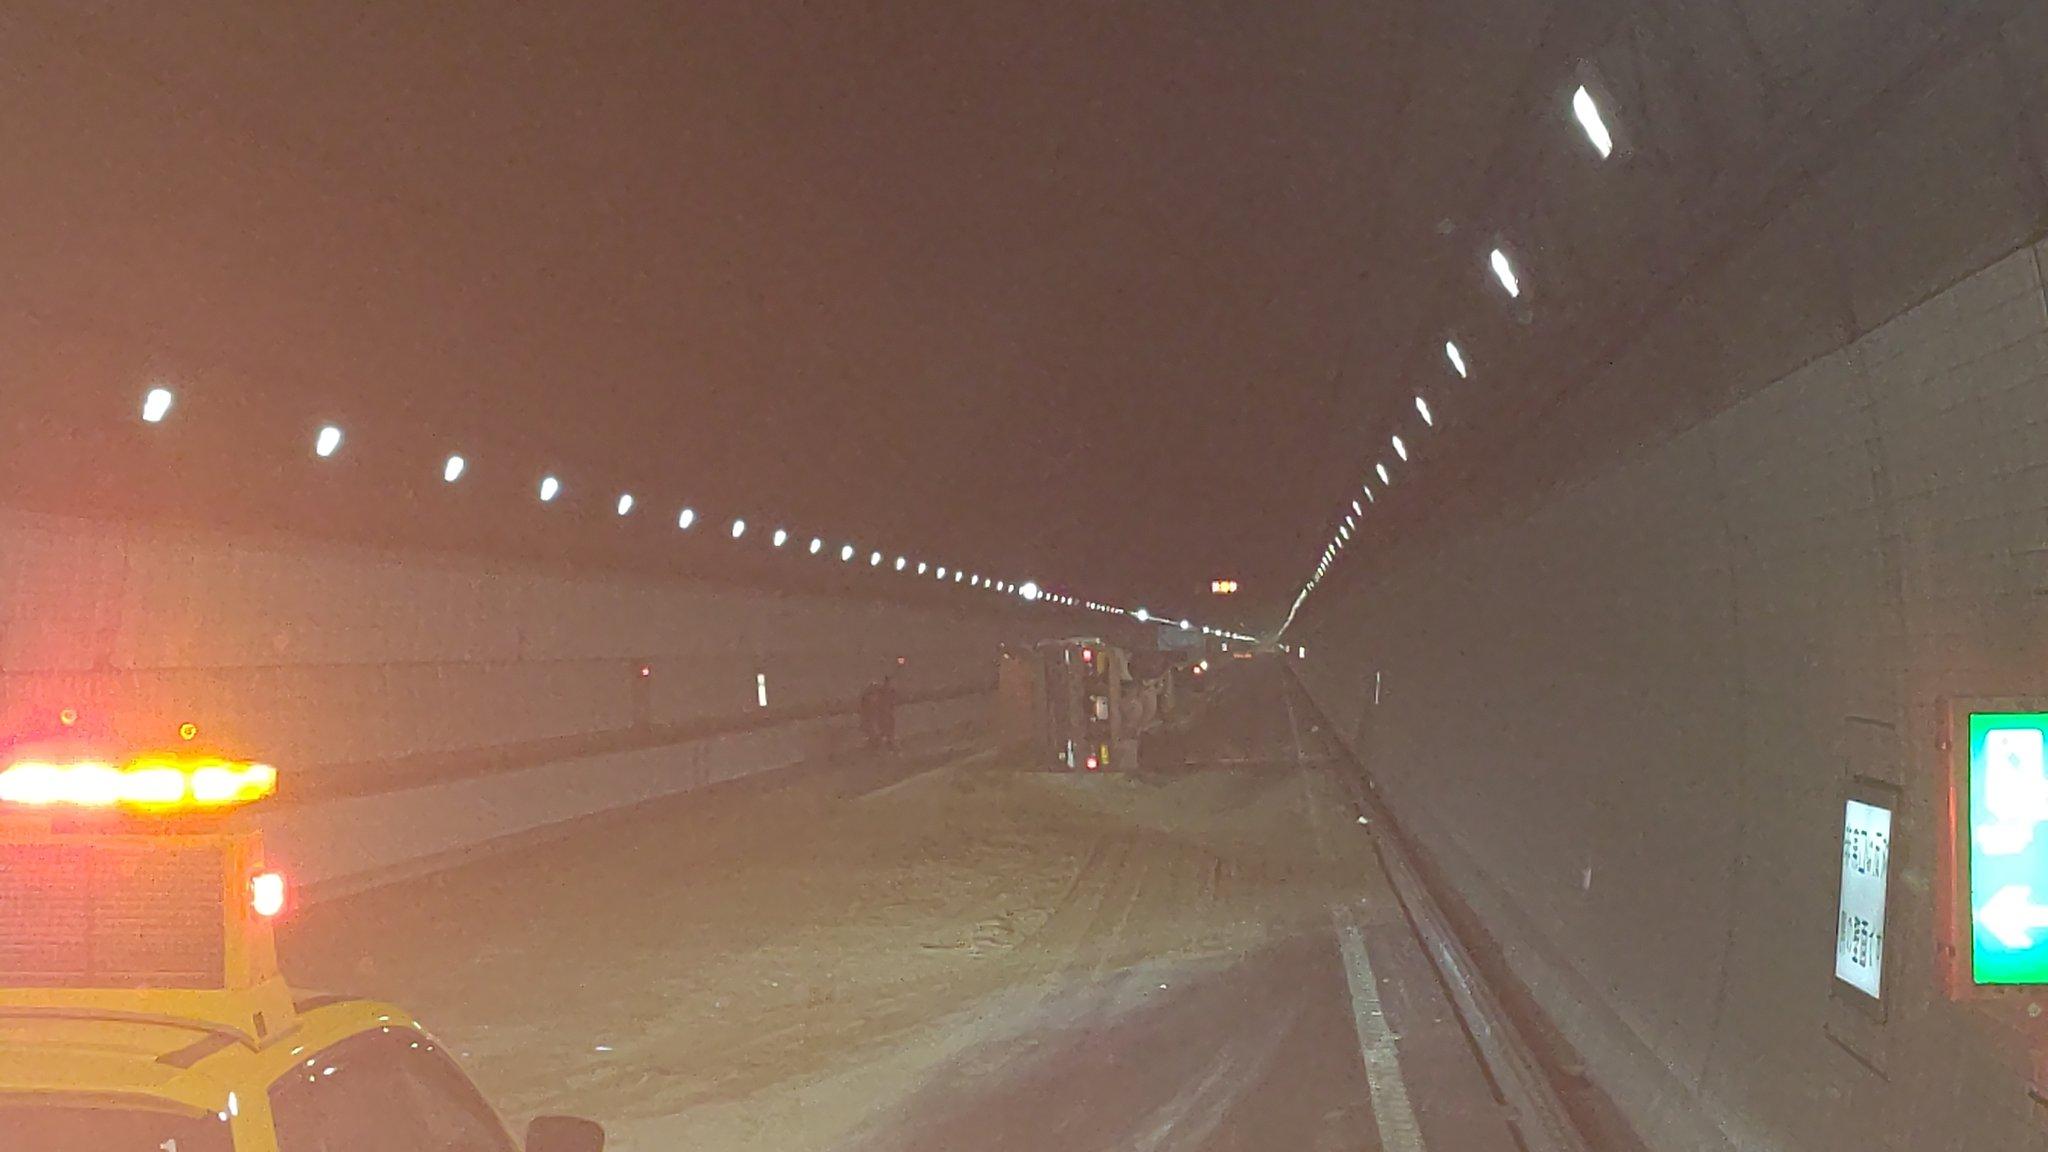 アクアラインのダンプ横転事故の画像